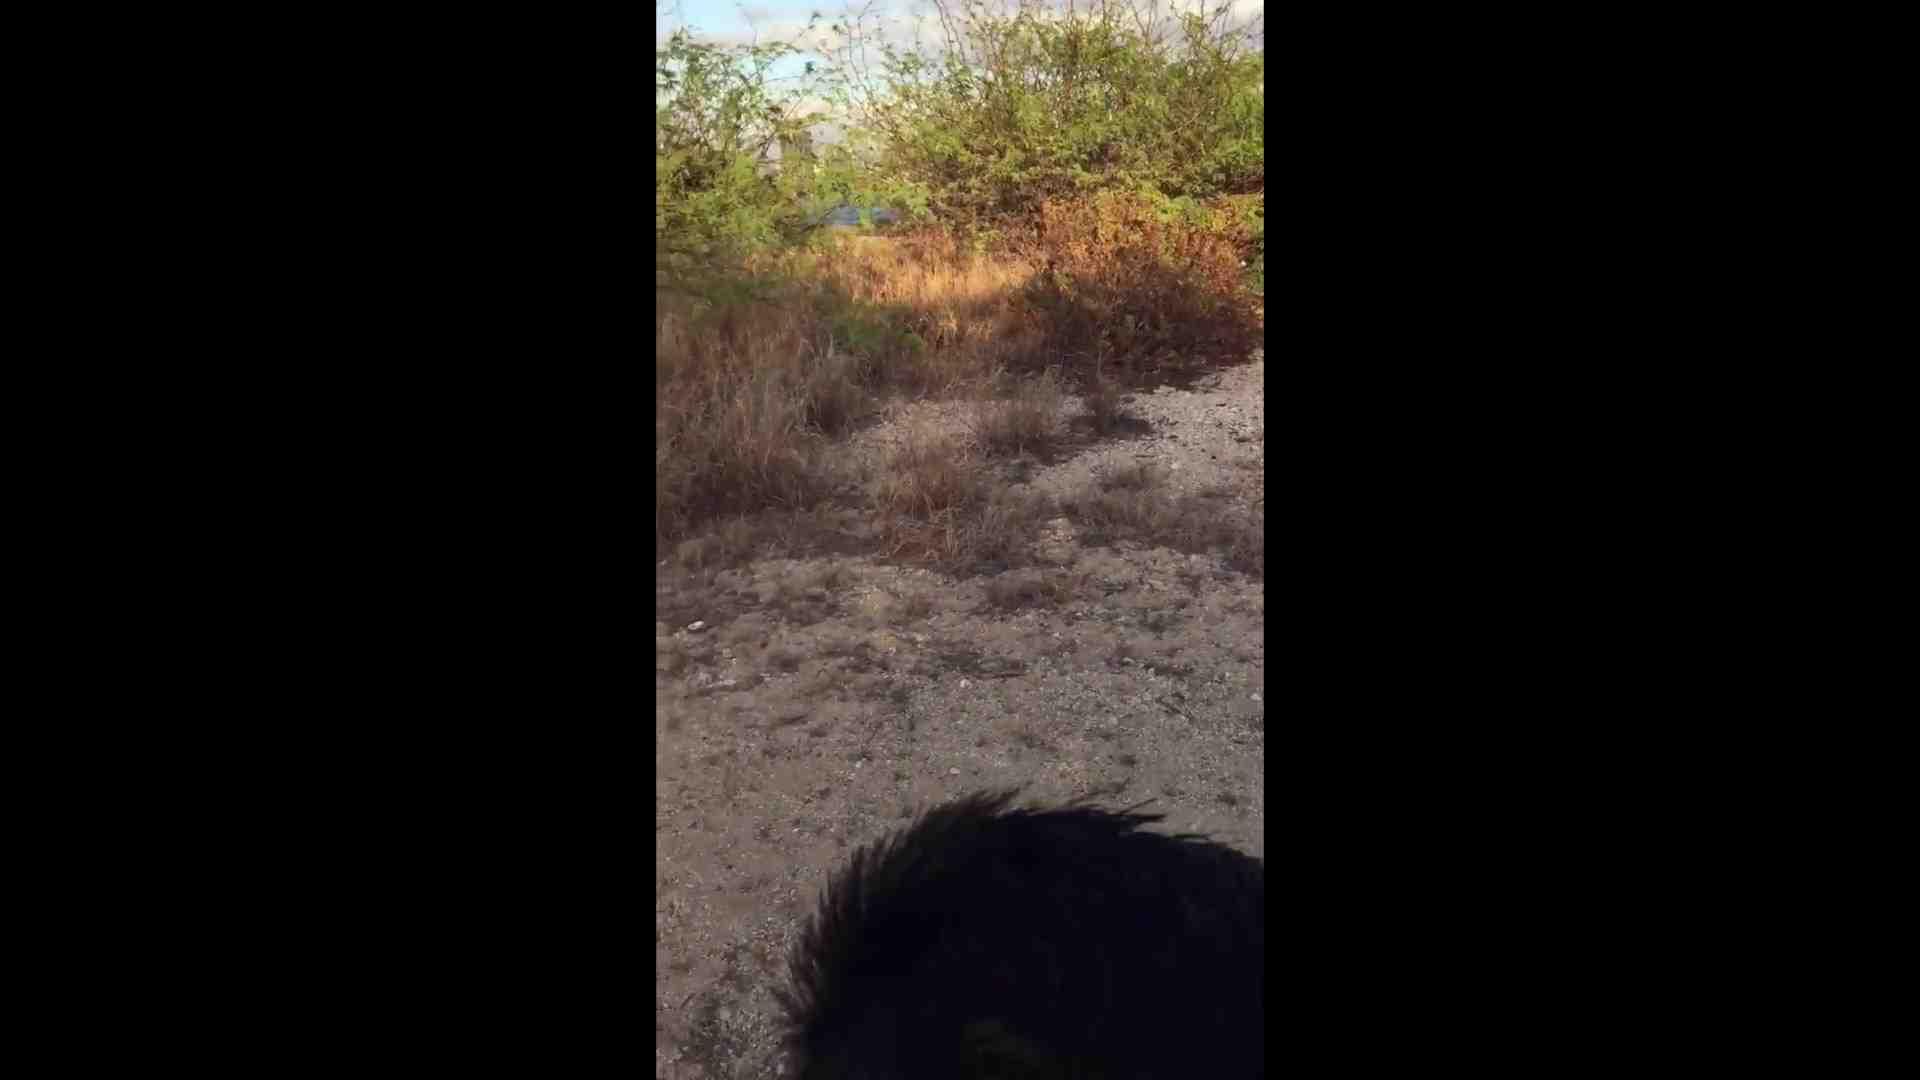 エロいフェラシーンをピックアップvol32 フェラ ゲイ素人エロ画像 87枚 77